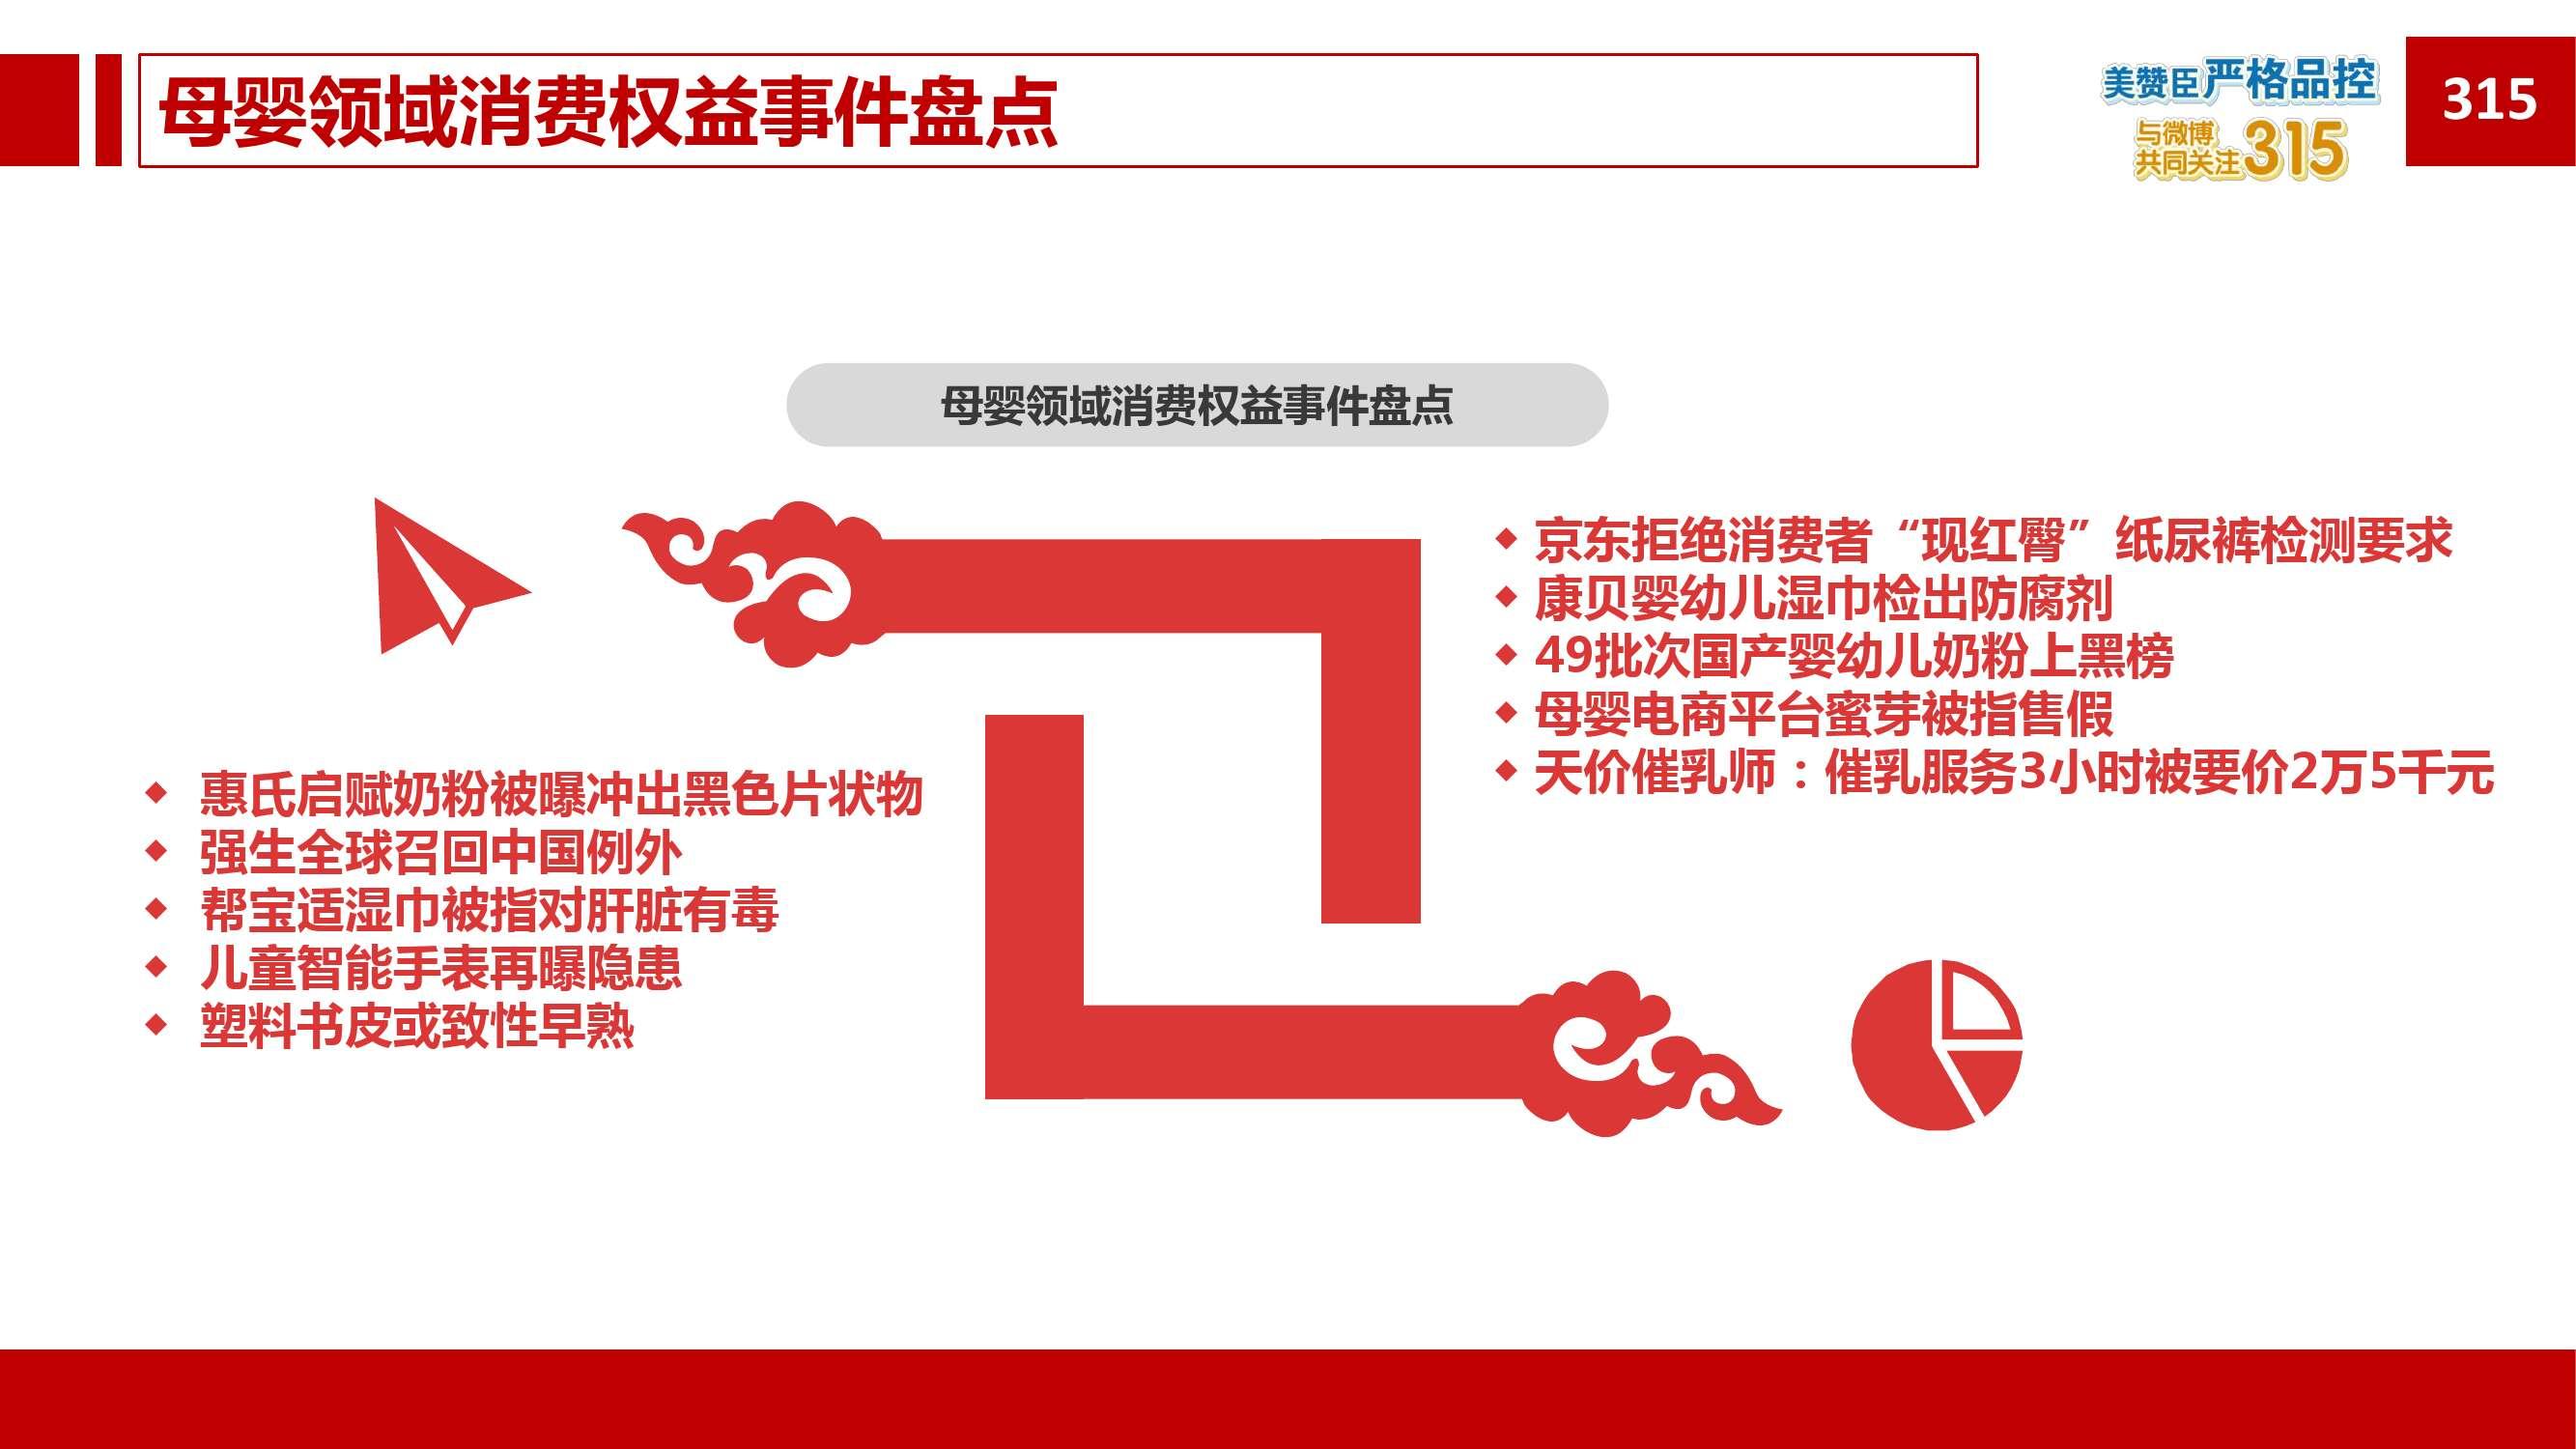 2015年微博消费者白皮书_000082